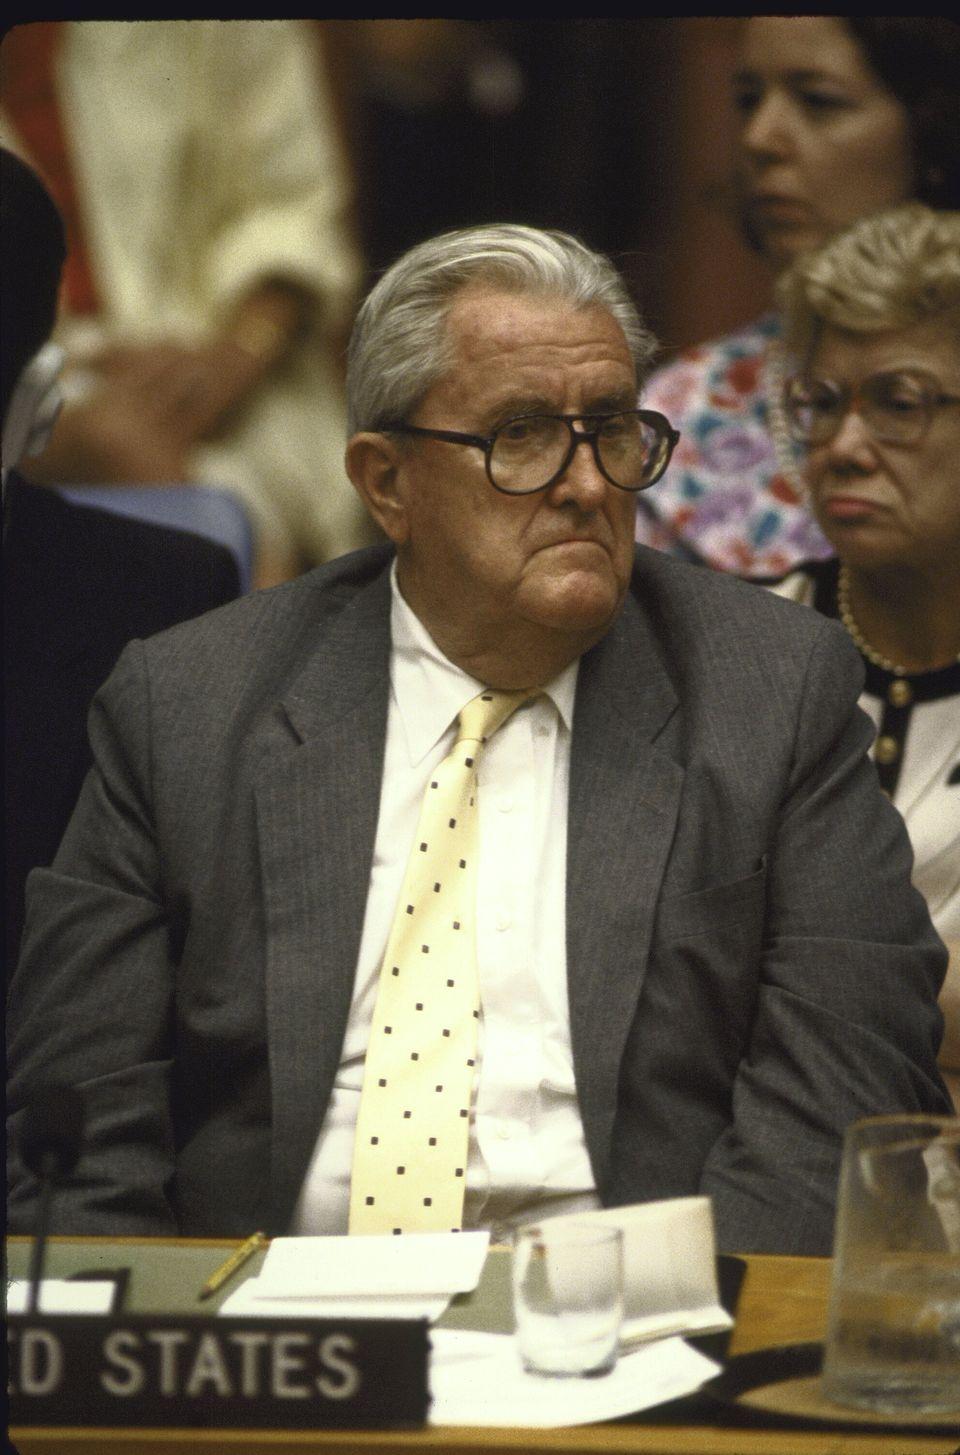 Vernon Walters, ambassadeur des États-Unis à l'ONU de 1985 à